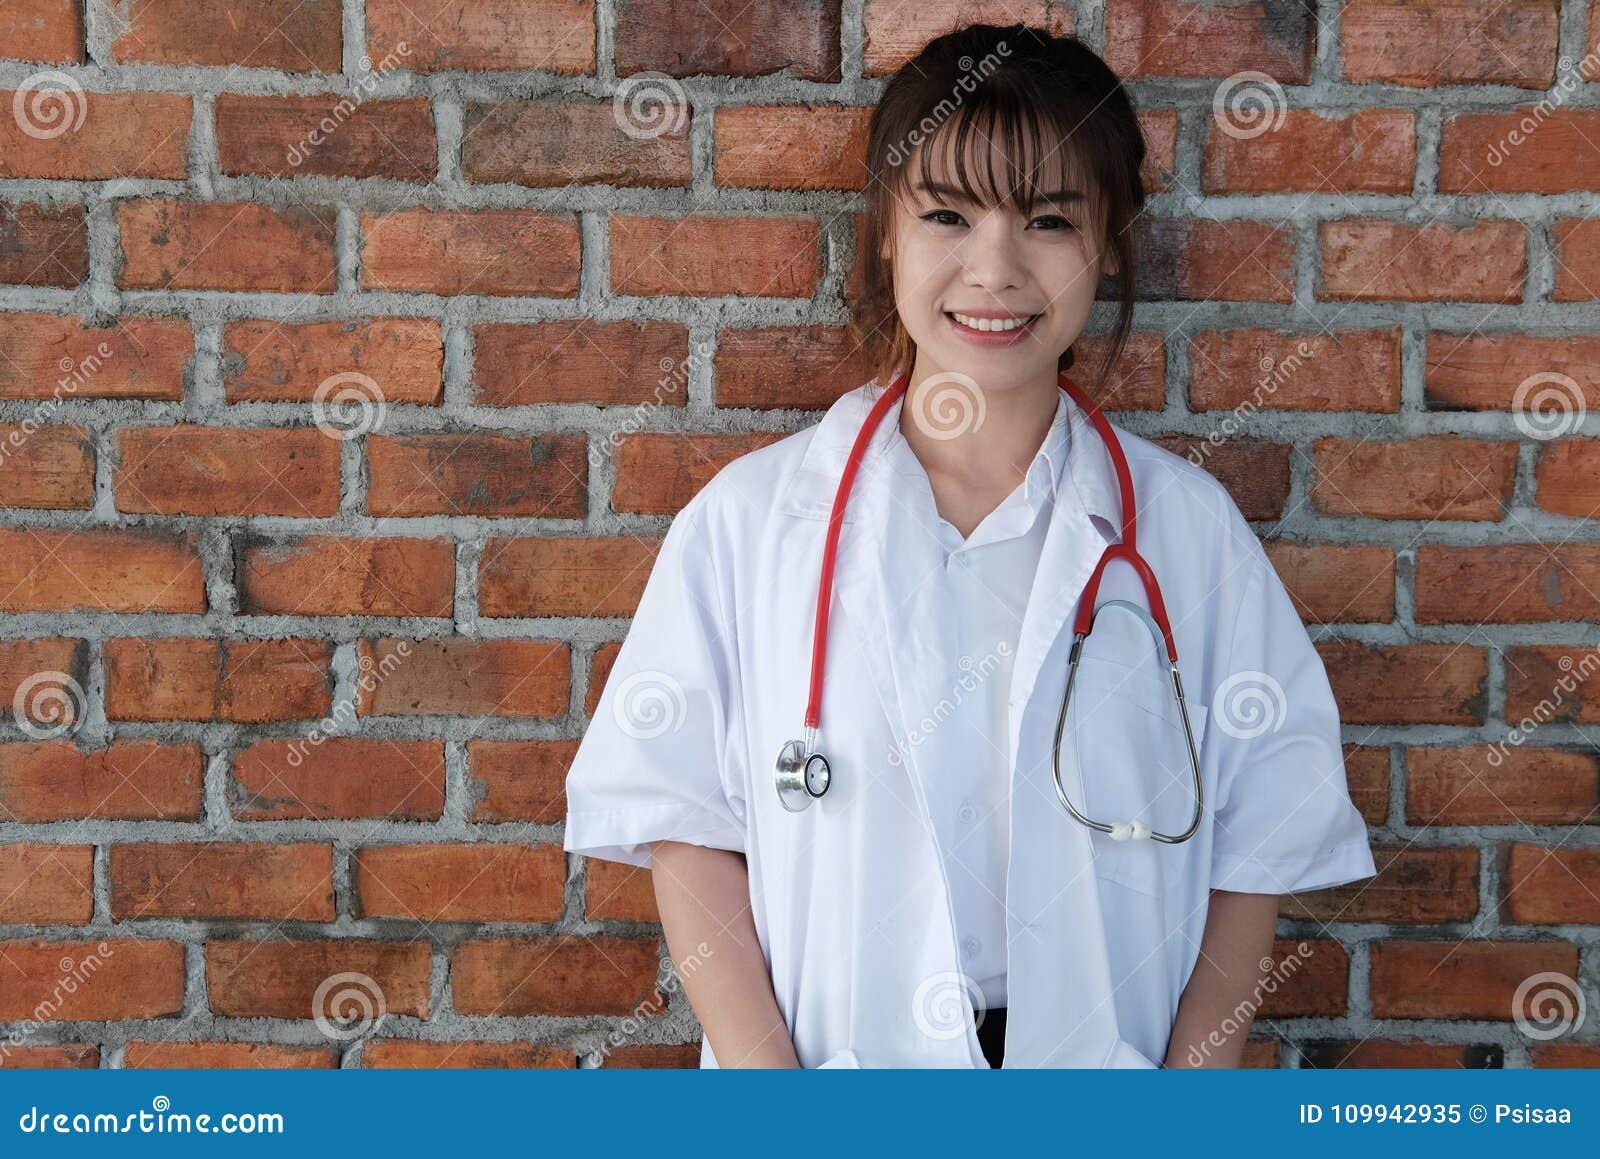 Βέβαιος νέος θηλυκός γιατρός που χαμογελά στη κάμερα Πορτρέτο του Μ